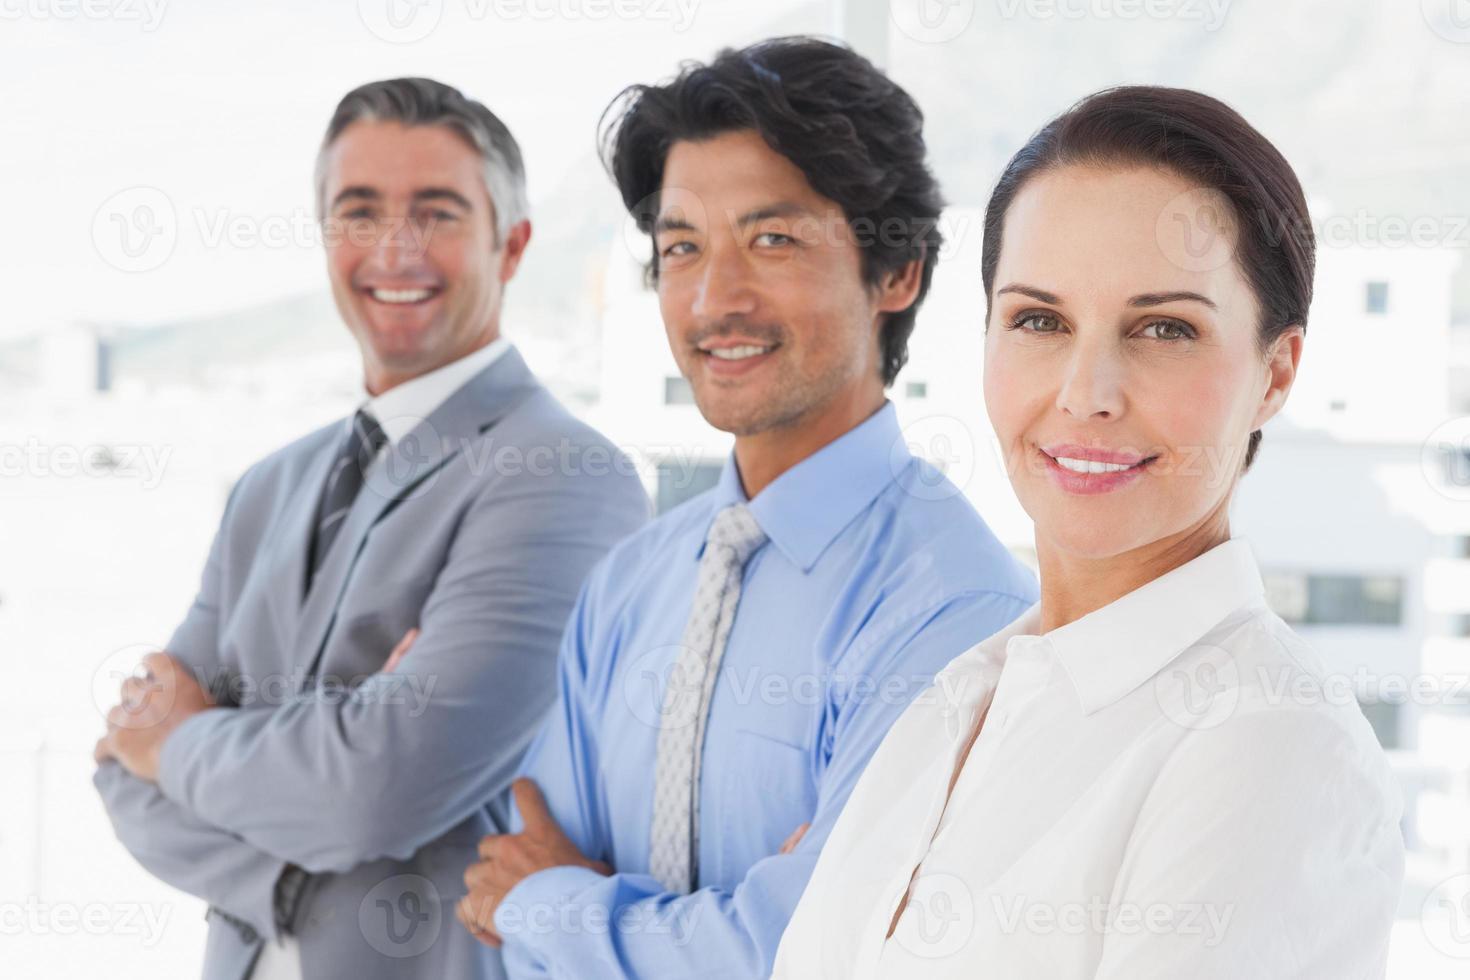 le arbetskollegor som står tillsammans foto